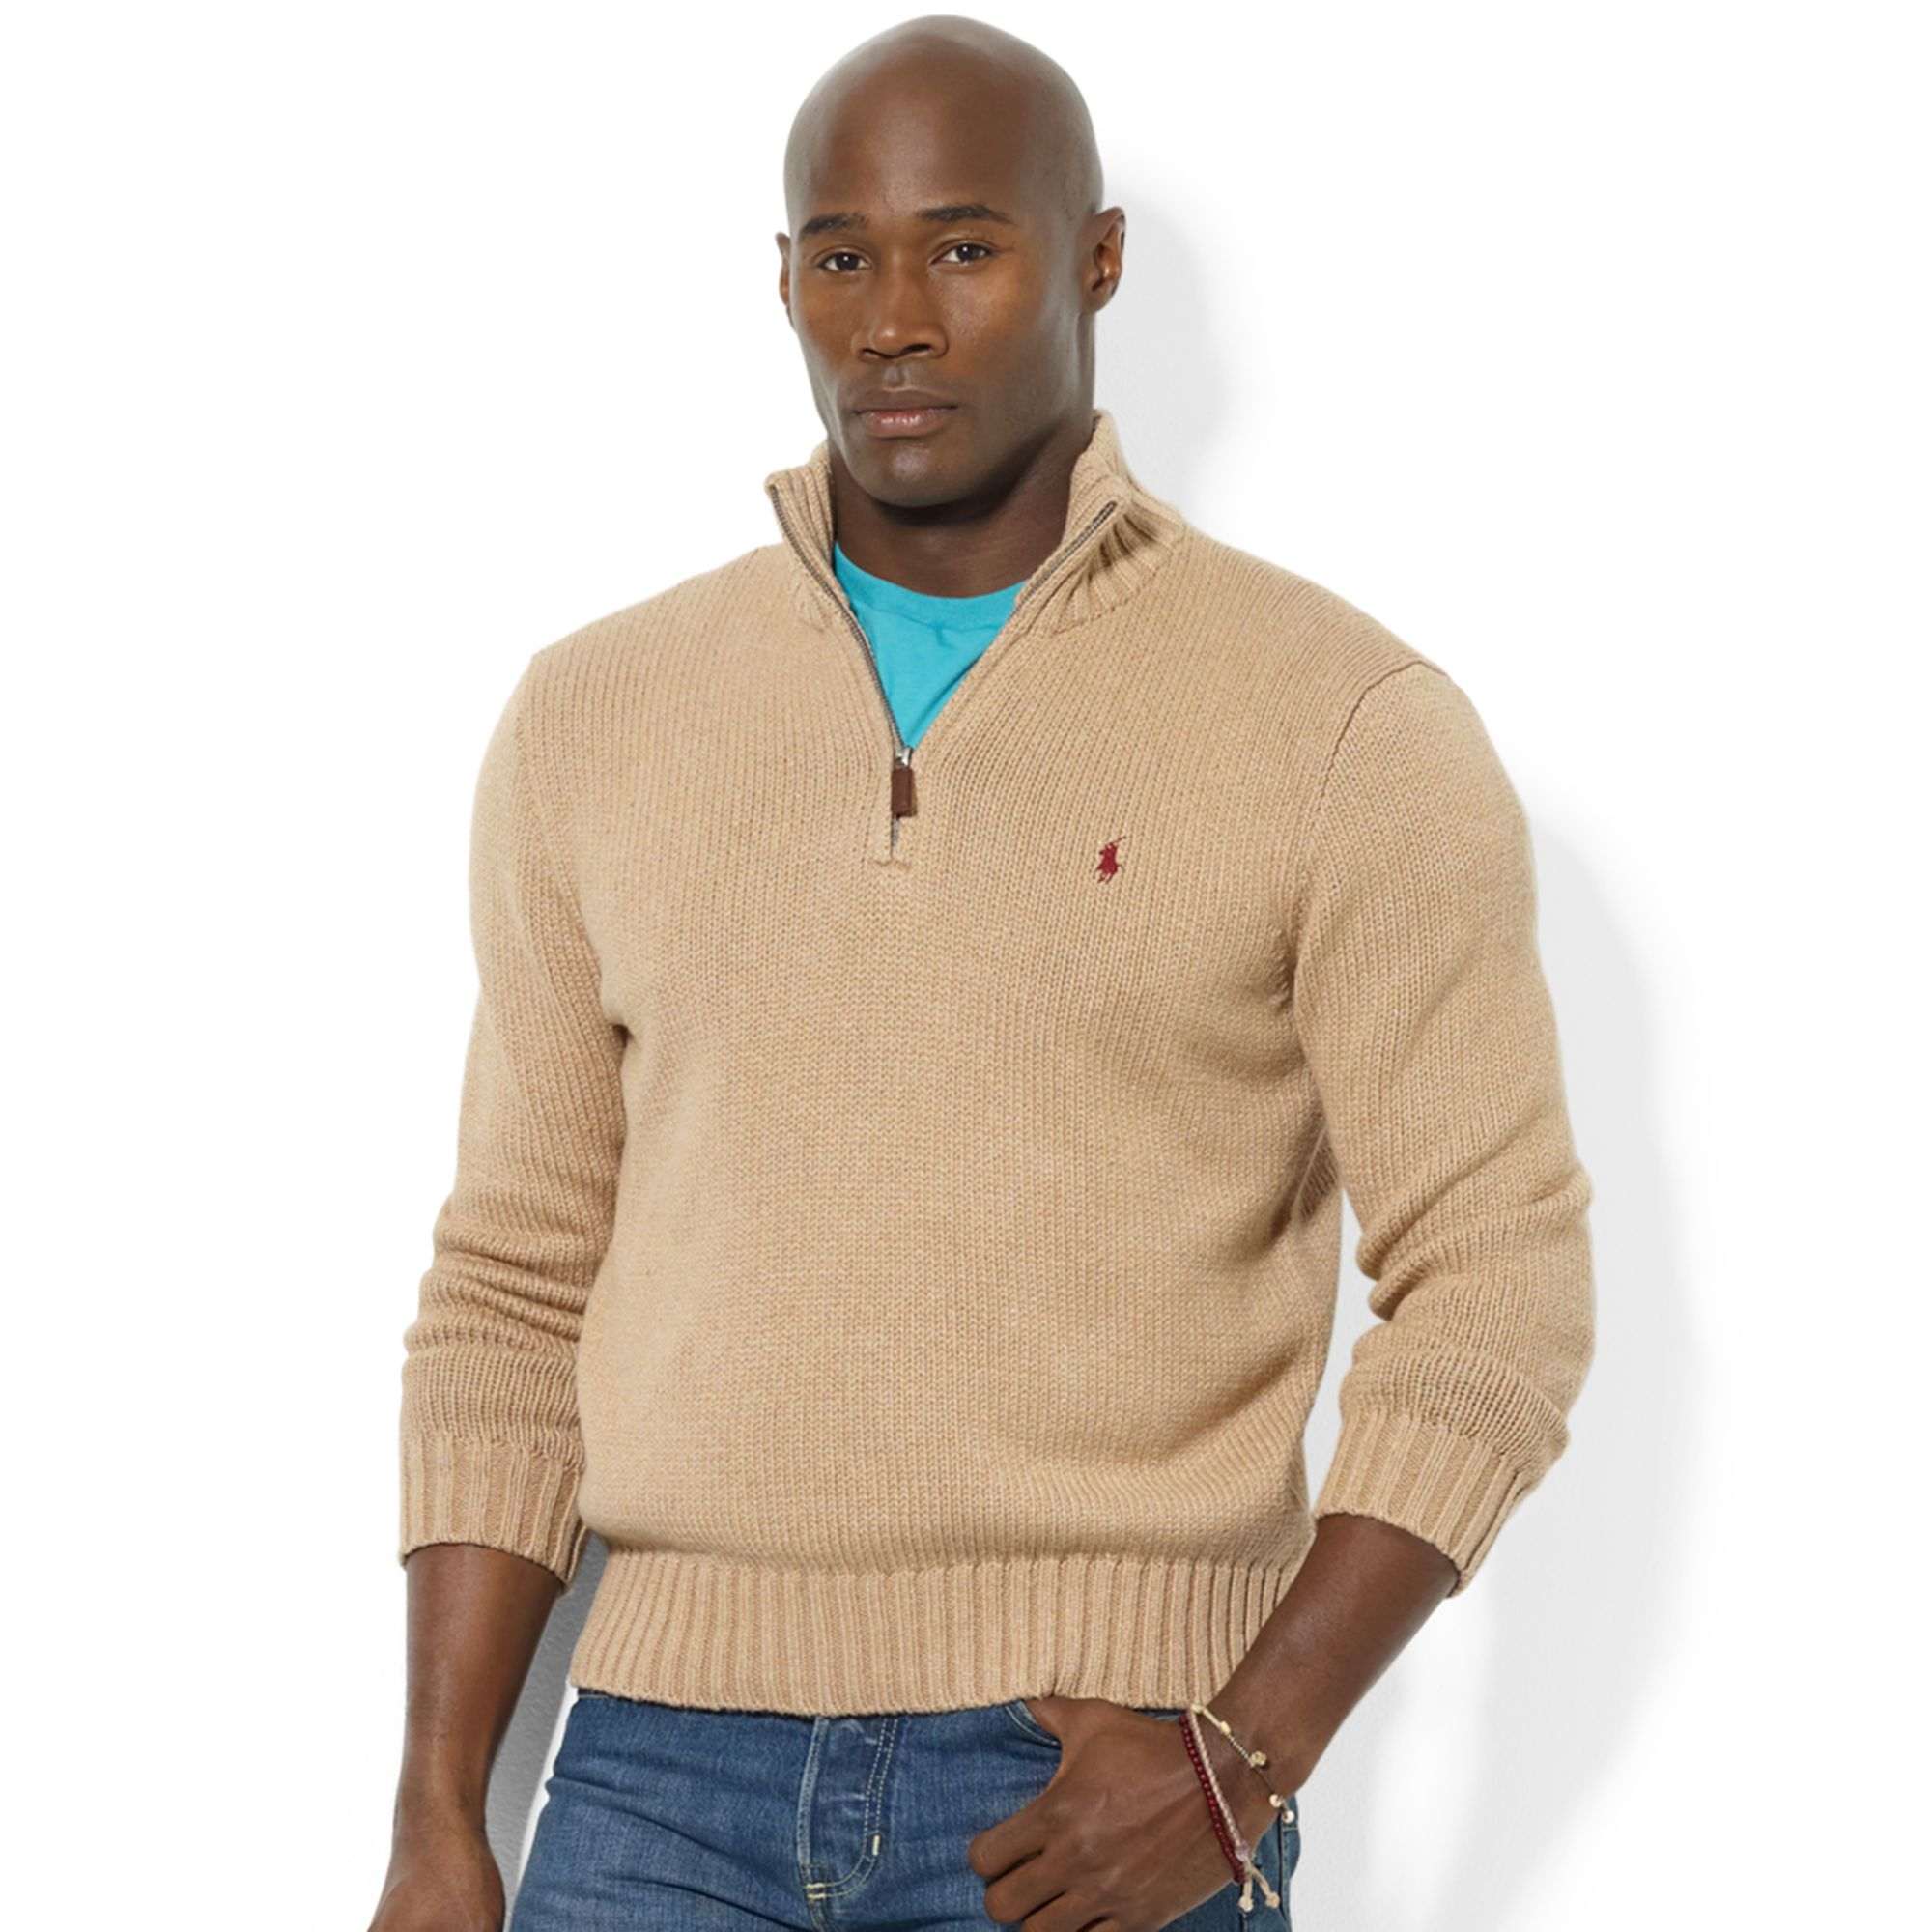 Neck Mock F8747 4d153 Wholesale Sweater Ralph Lauren hQrtdsCx